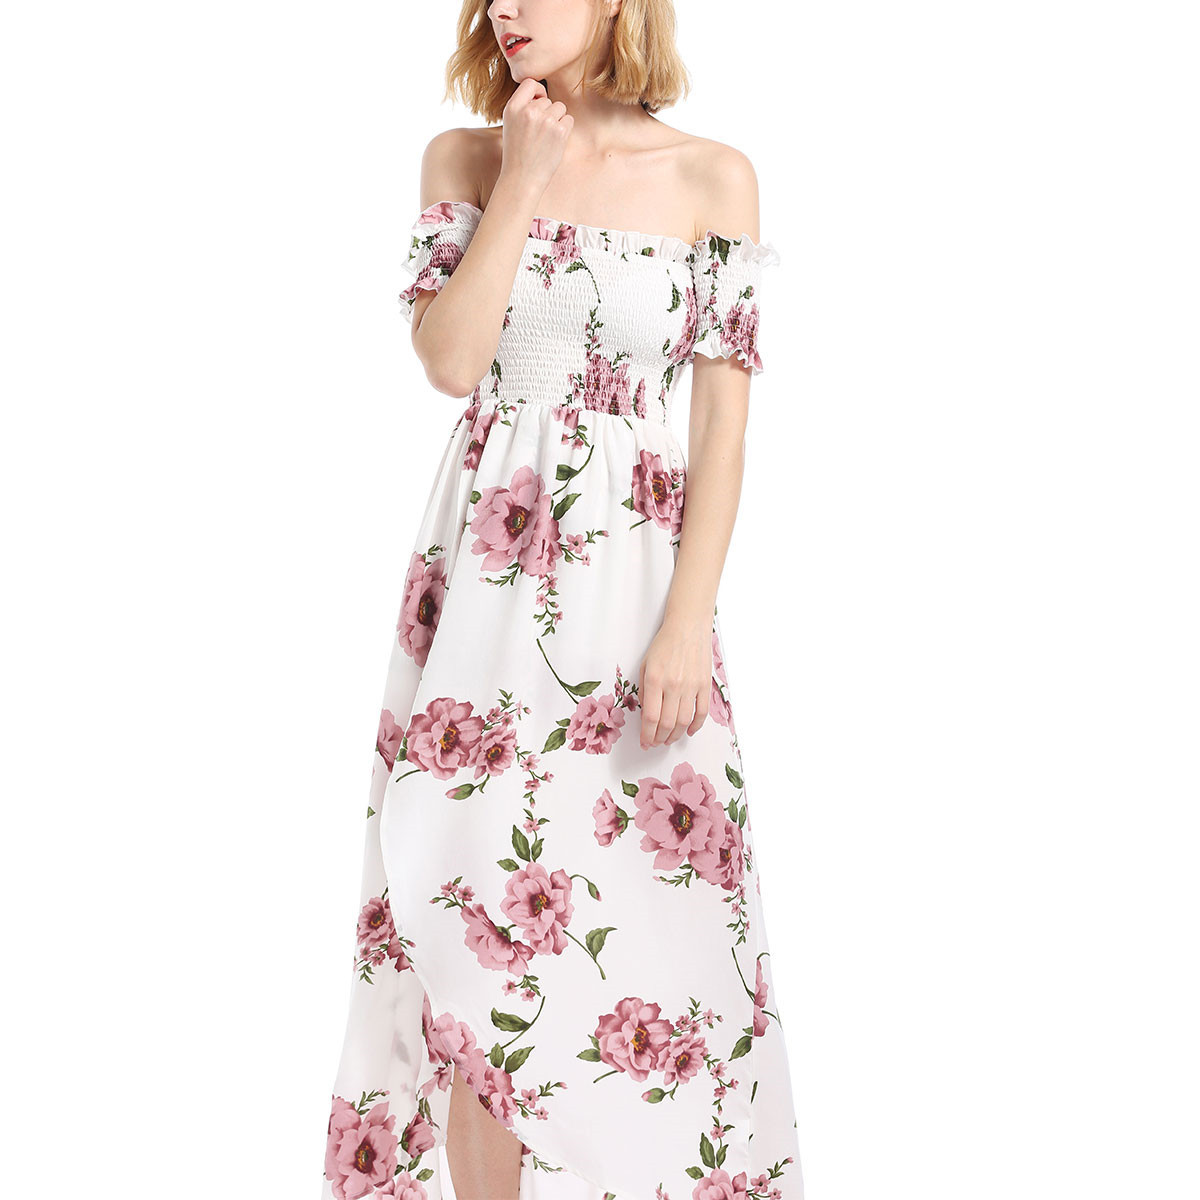 Aphrodite Home Fashion Women's Wear Strapless Floral Print ...